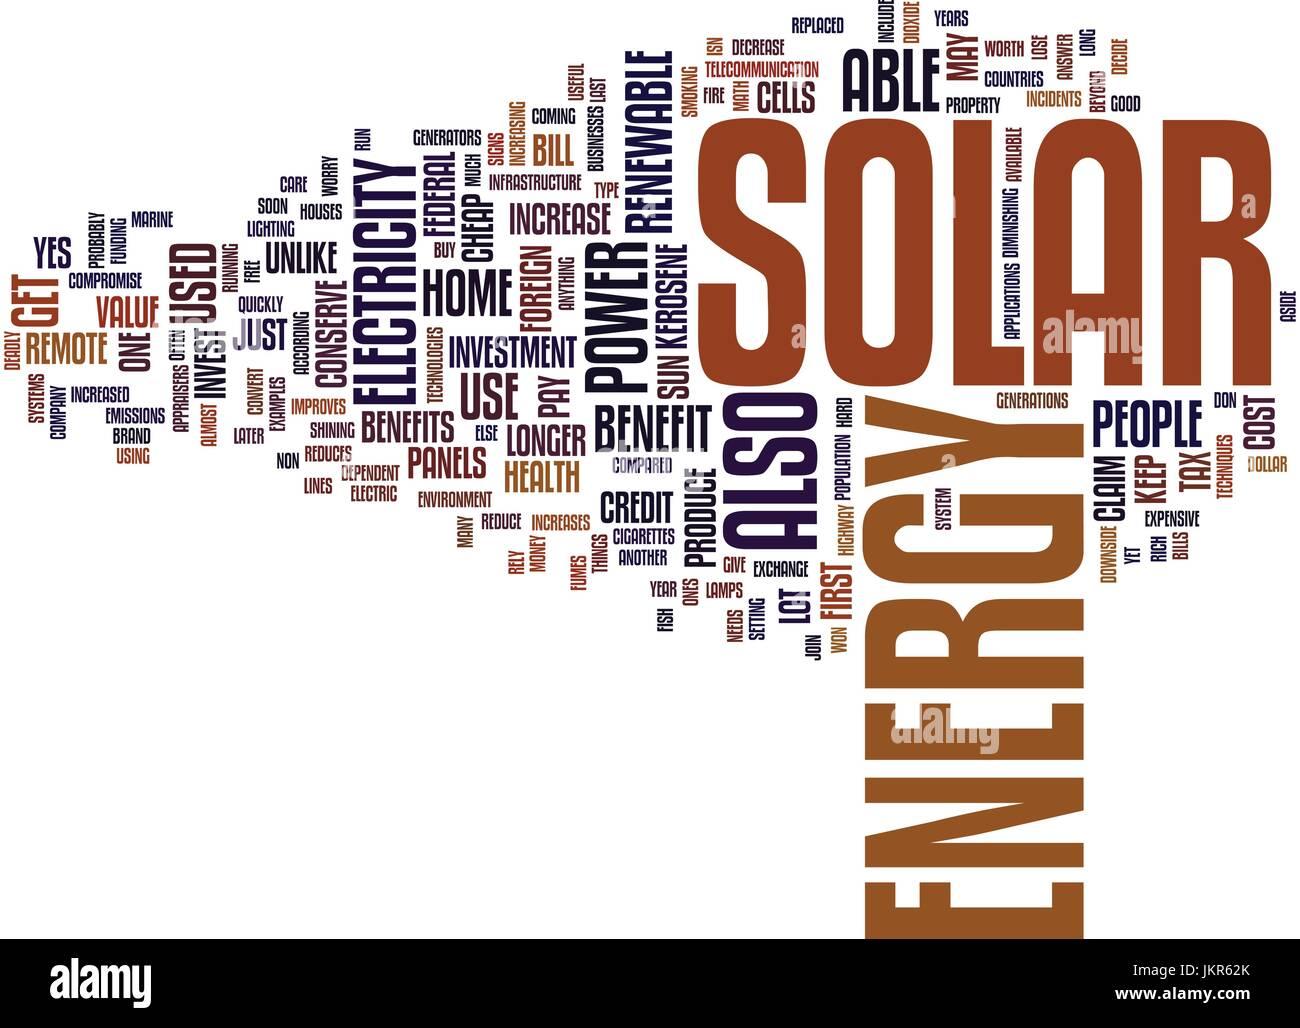 Vorteile Solarenergie die vorteile der solarenergie textkonzept hintergrund word cloud